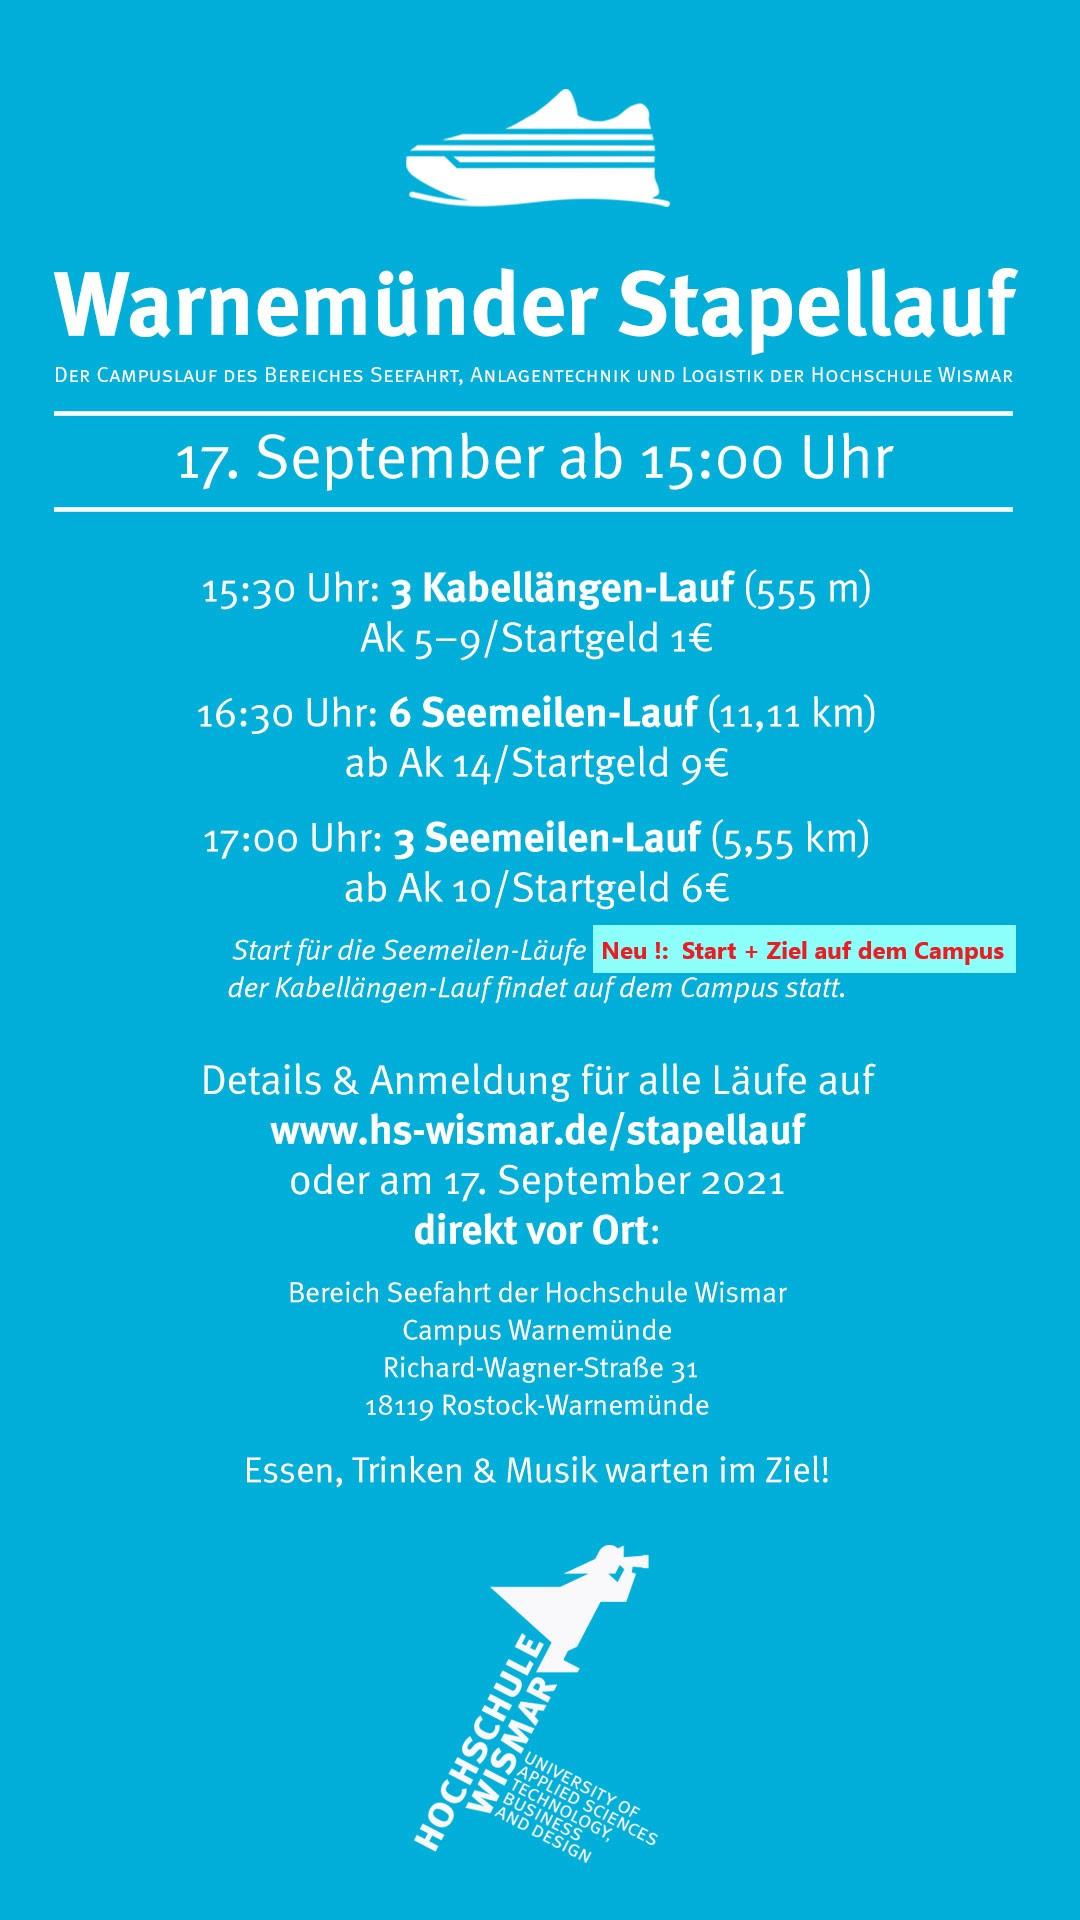 Warnemünder Stapellauf am 17.09.2021 @ Campus Warnemünde